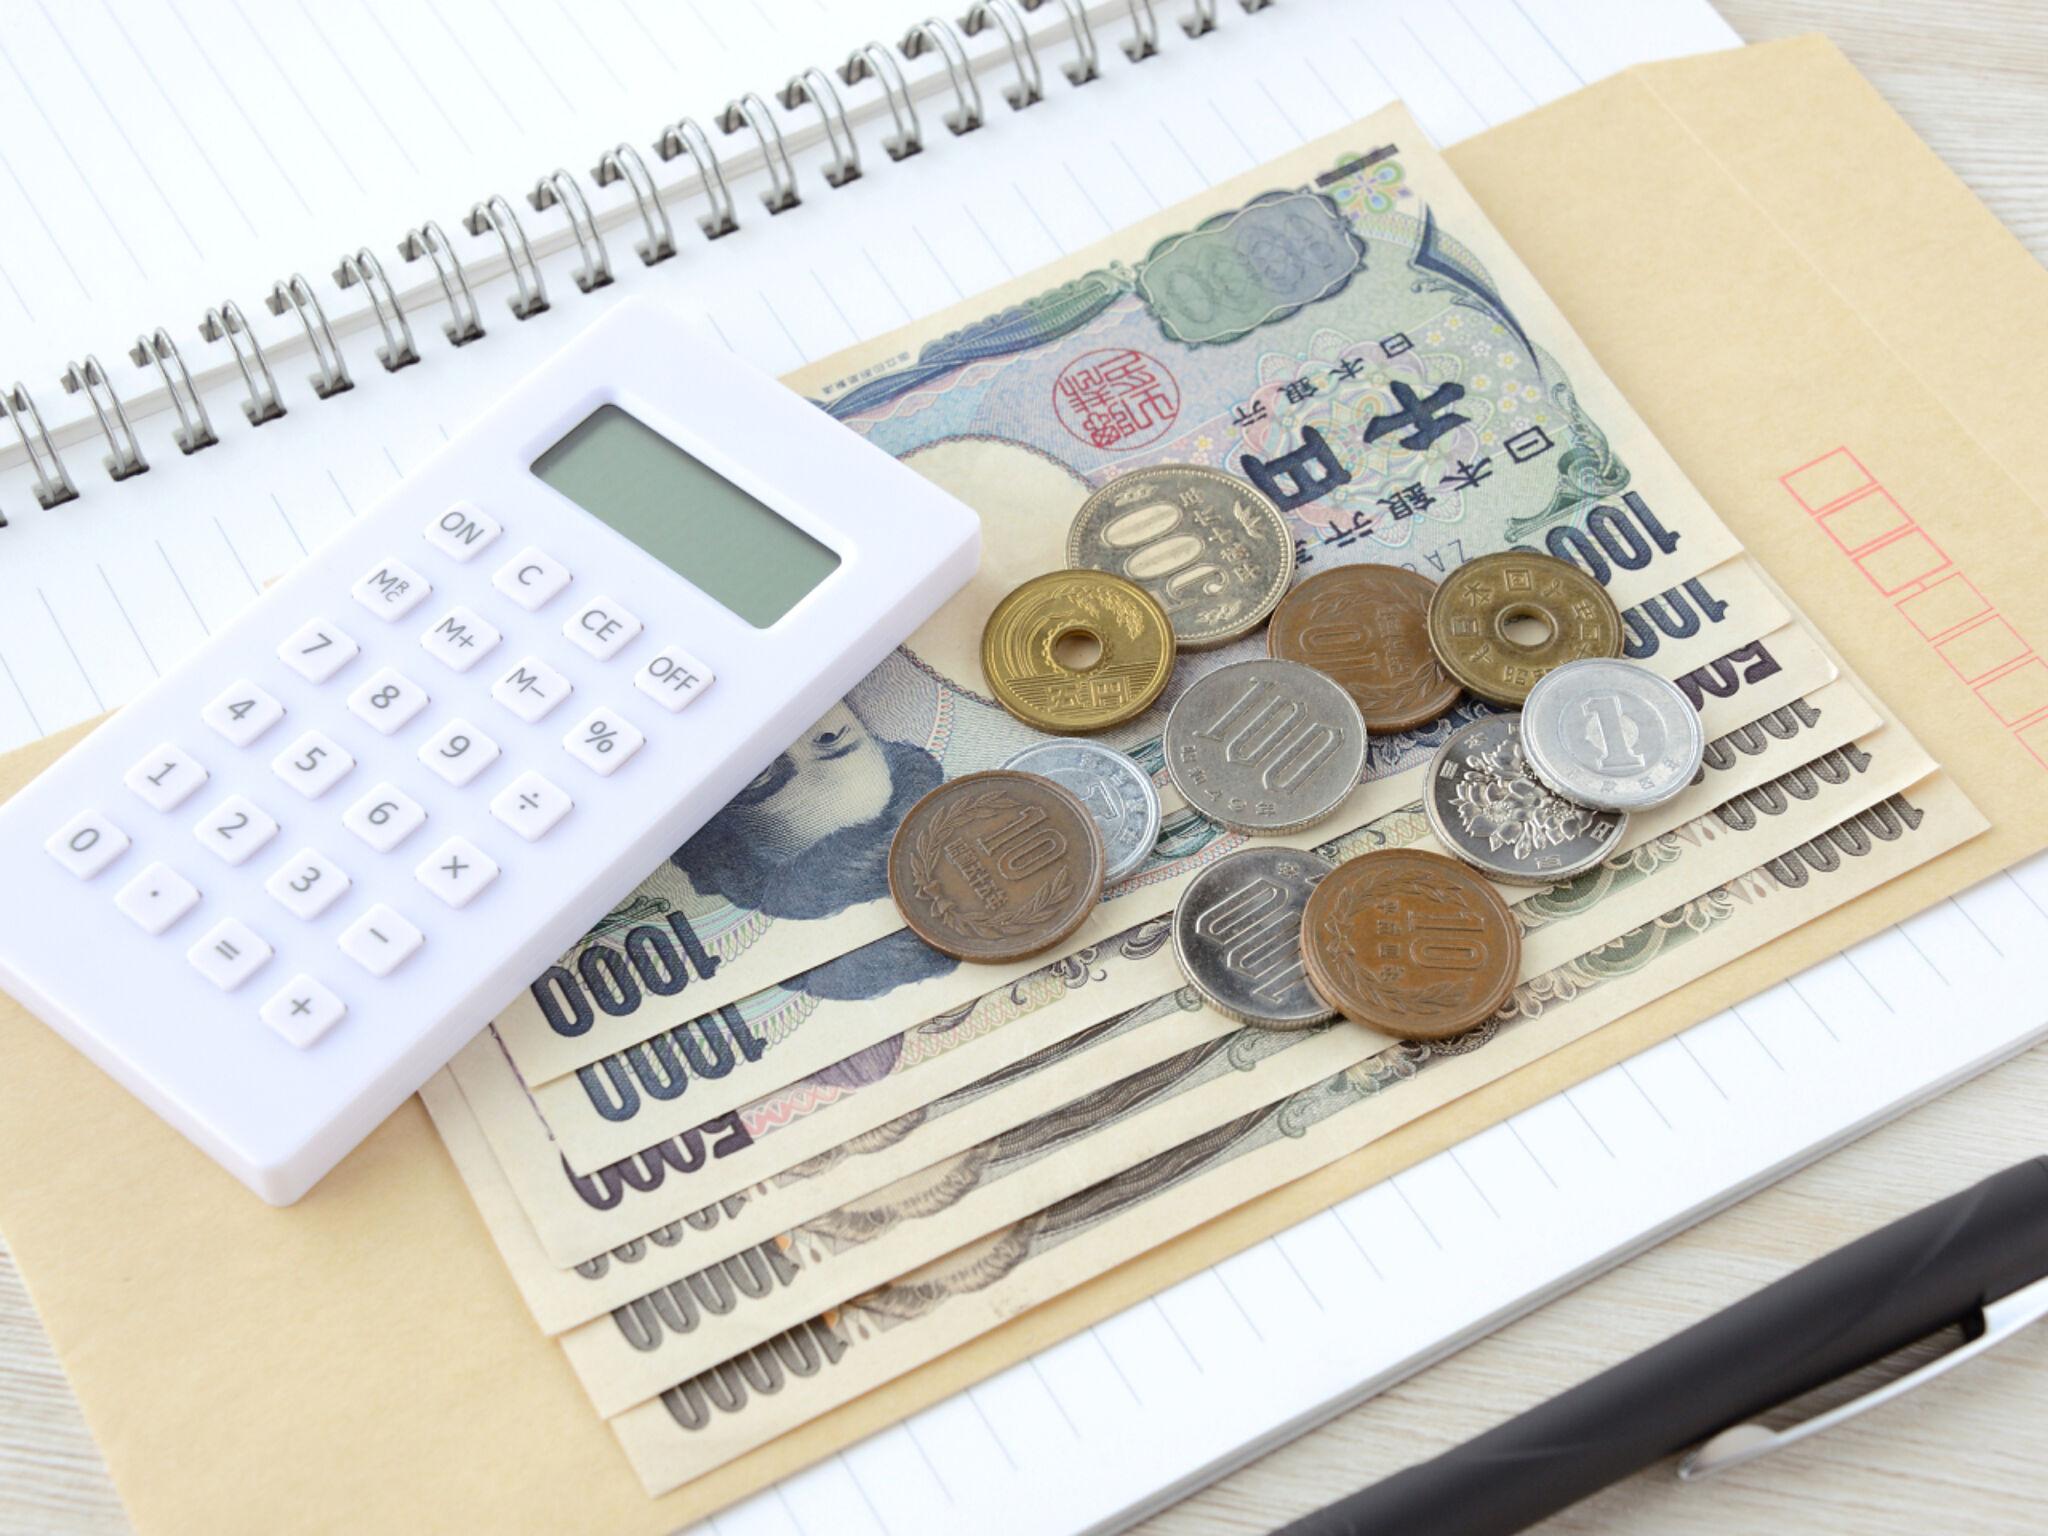 ノートの上に置かれた電卓とお金の画像